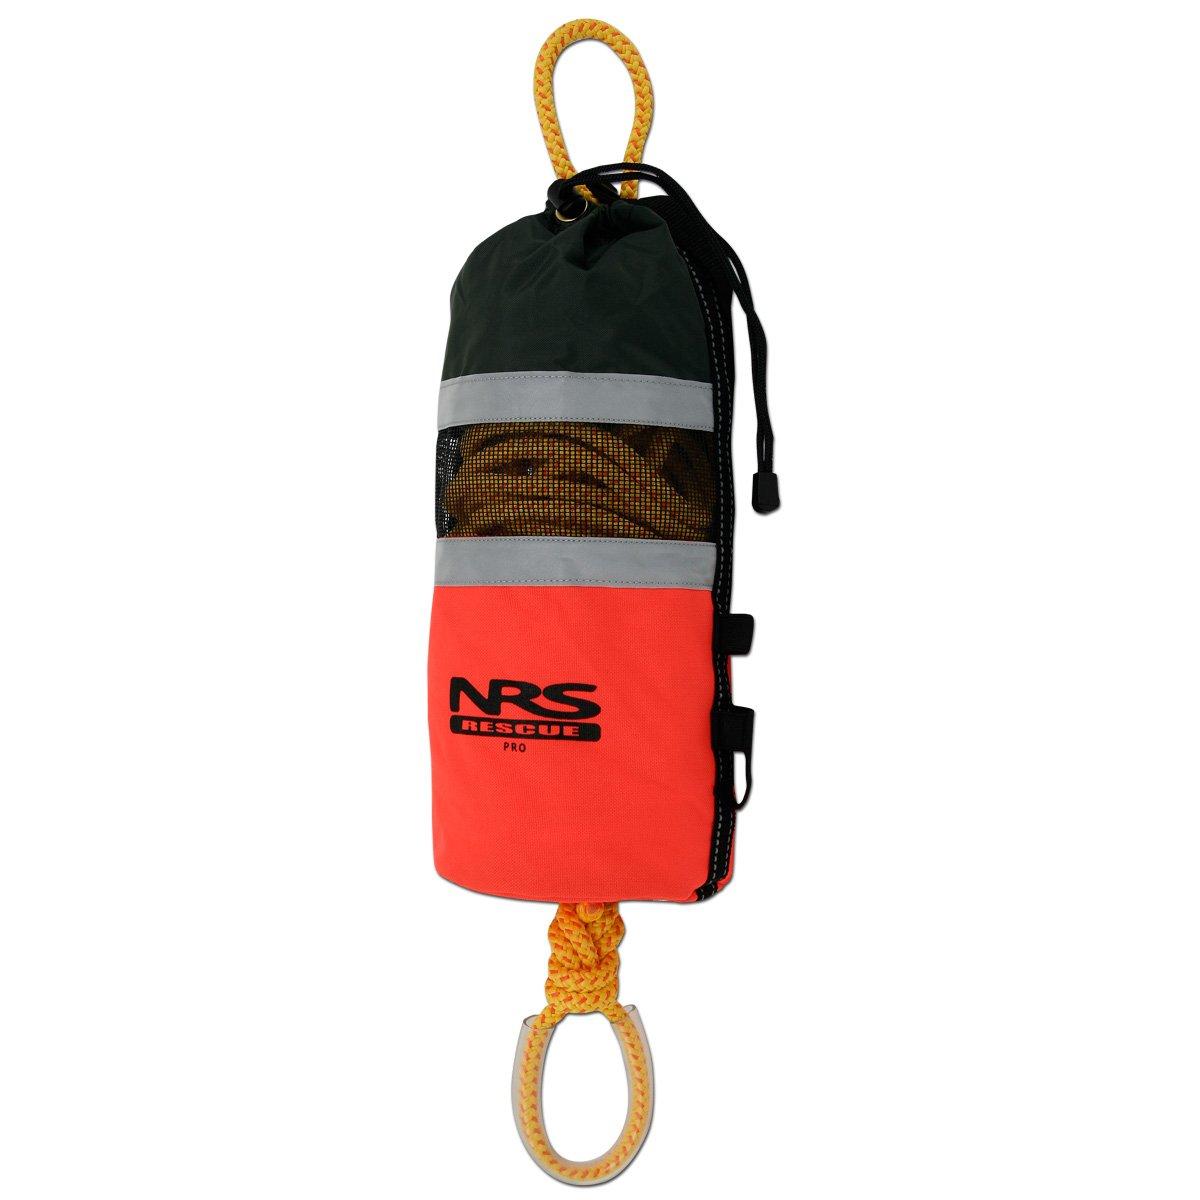 Amazon.com: NRS Healthcare Nfpa cuerda rescate Manta Bolsa ...